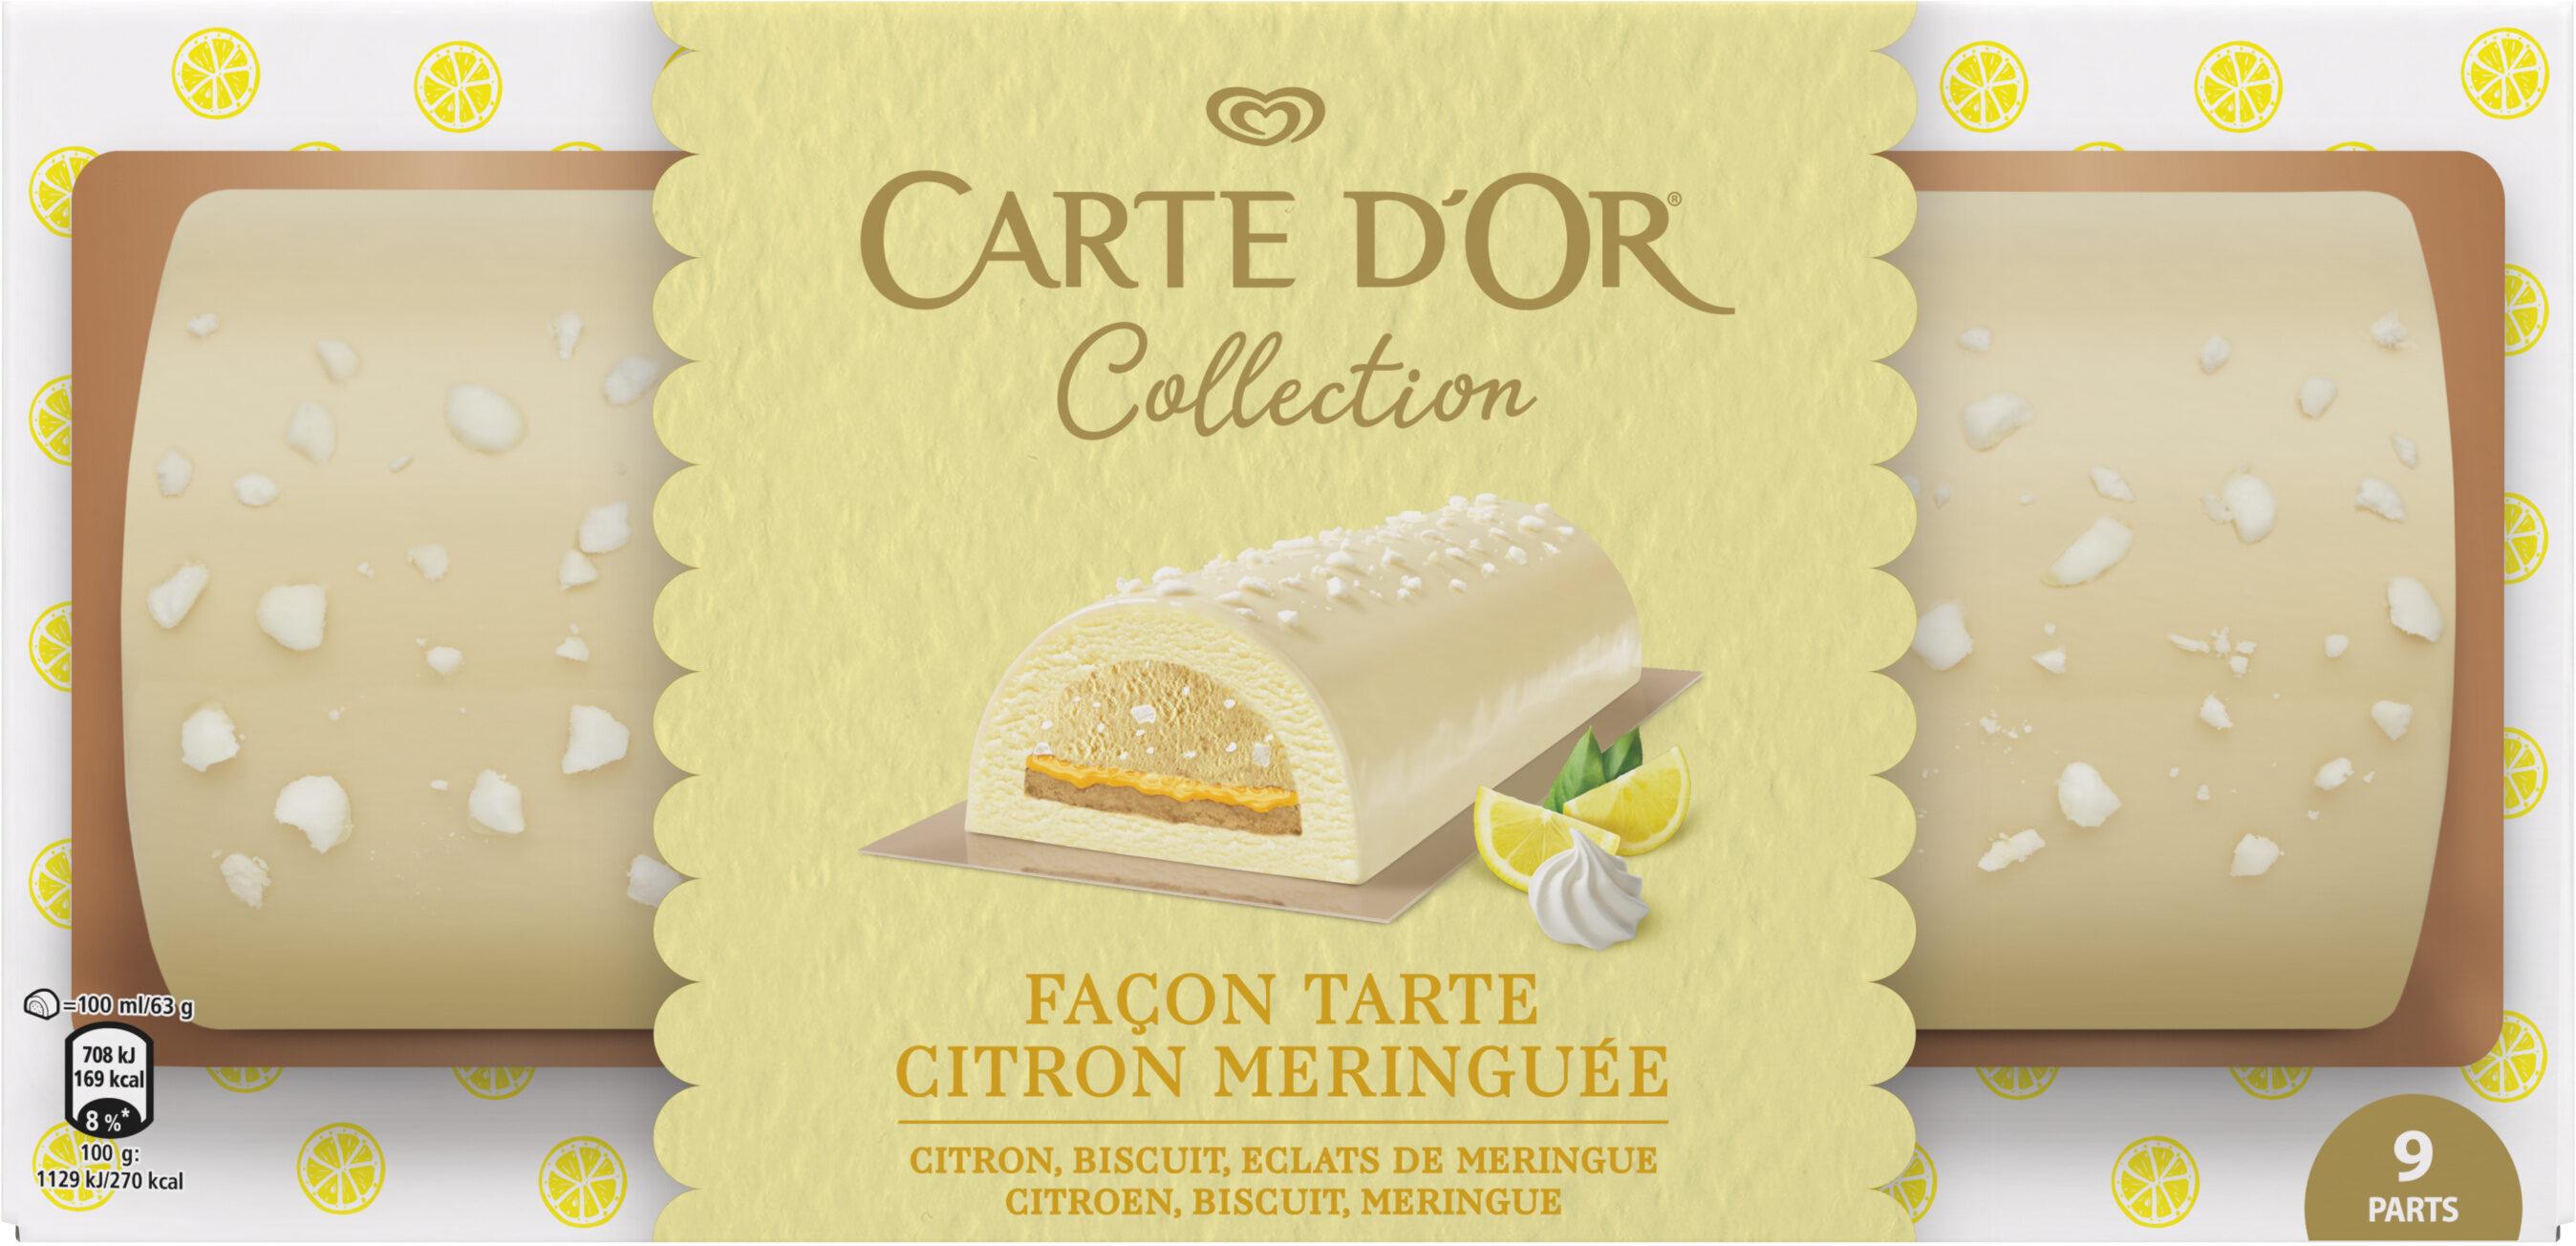 Carte D'or Collection Buche Glacée Collection Tarte au Citron Meringuée 9 parts 900ml - Produit - fr